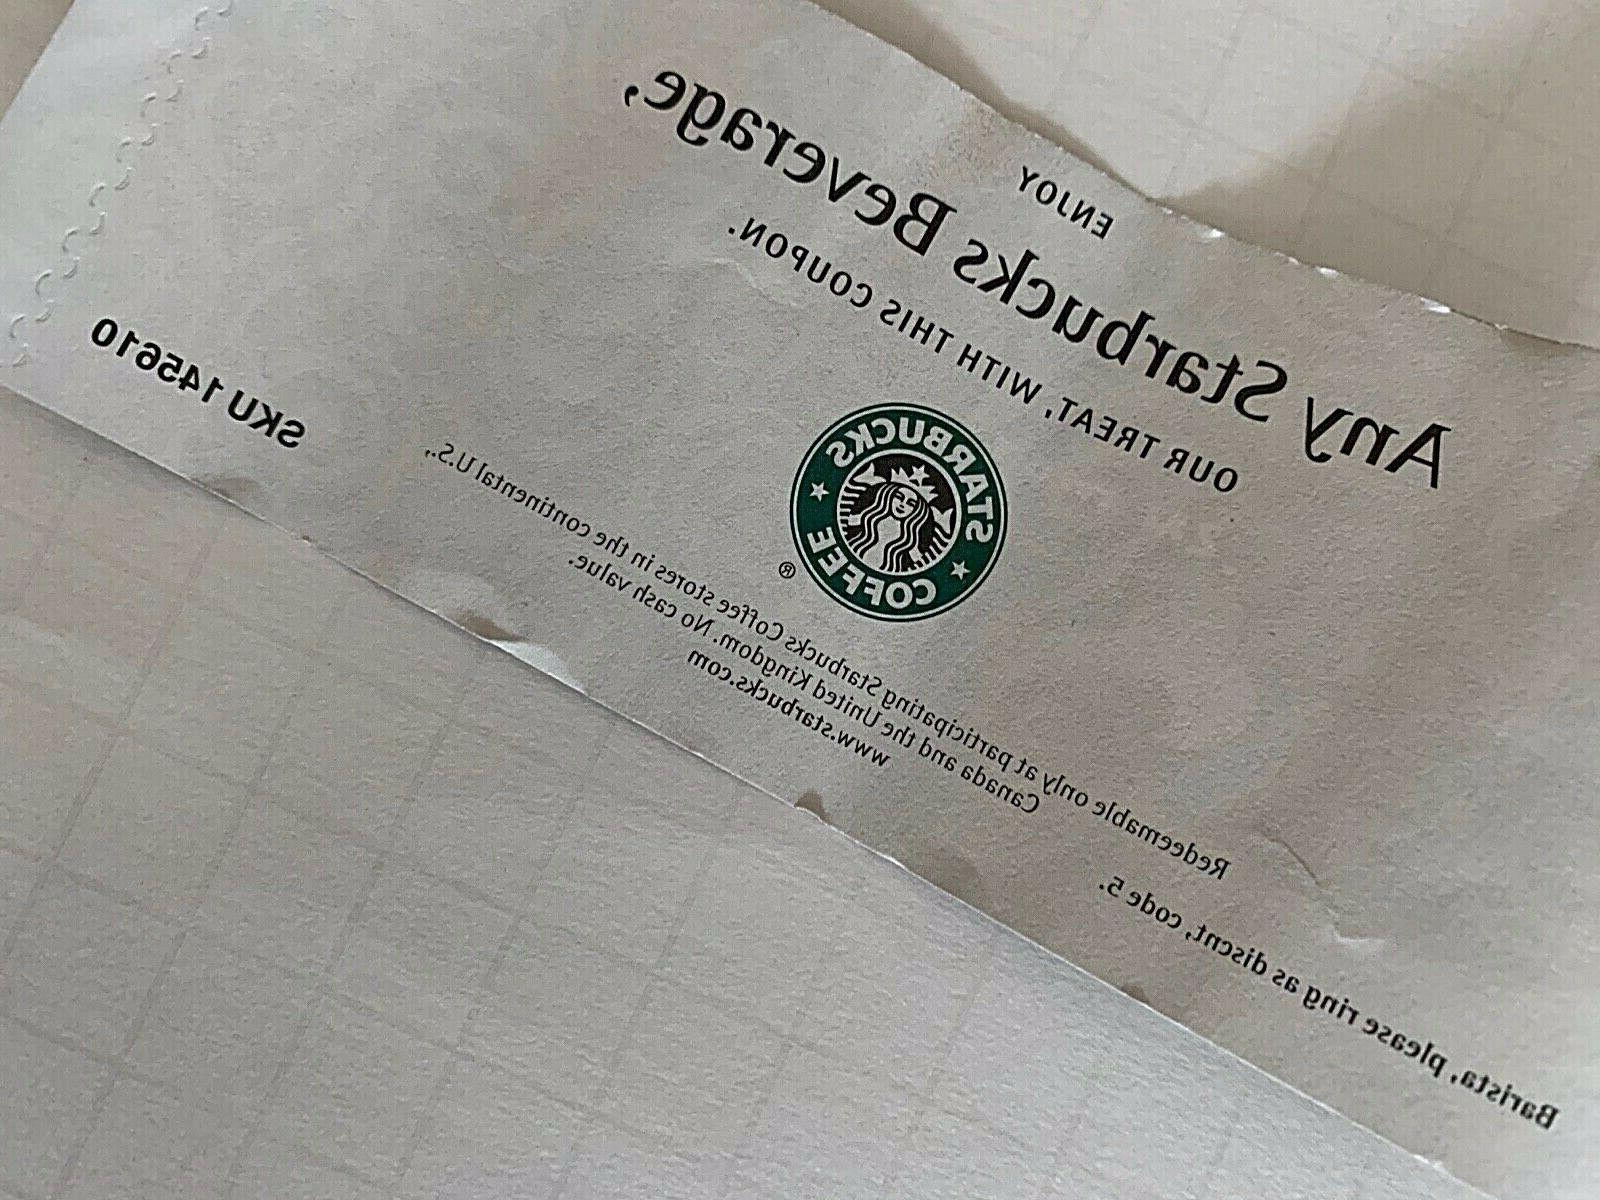 2000 Starbucks Tumbler Coupon